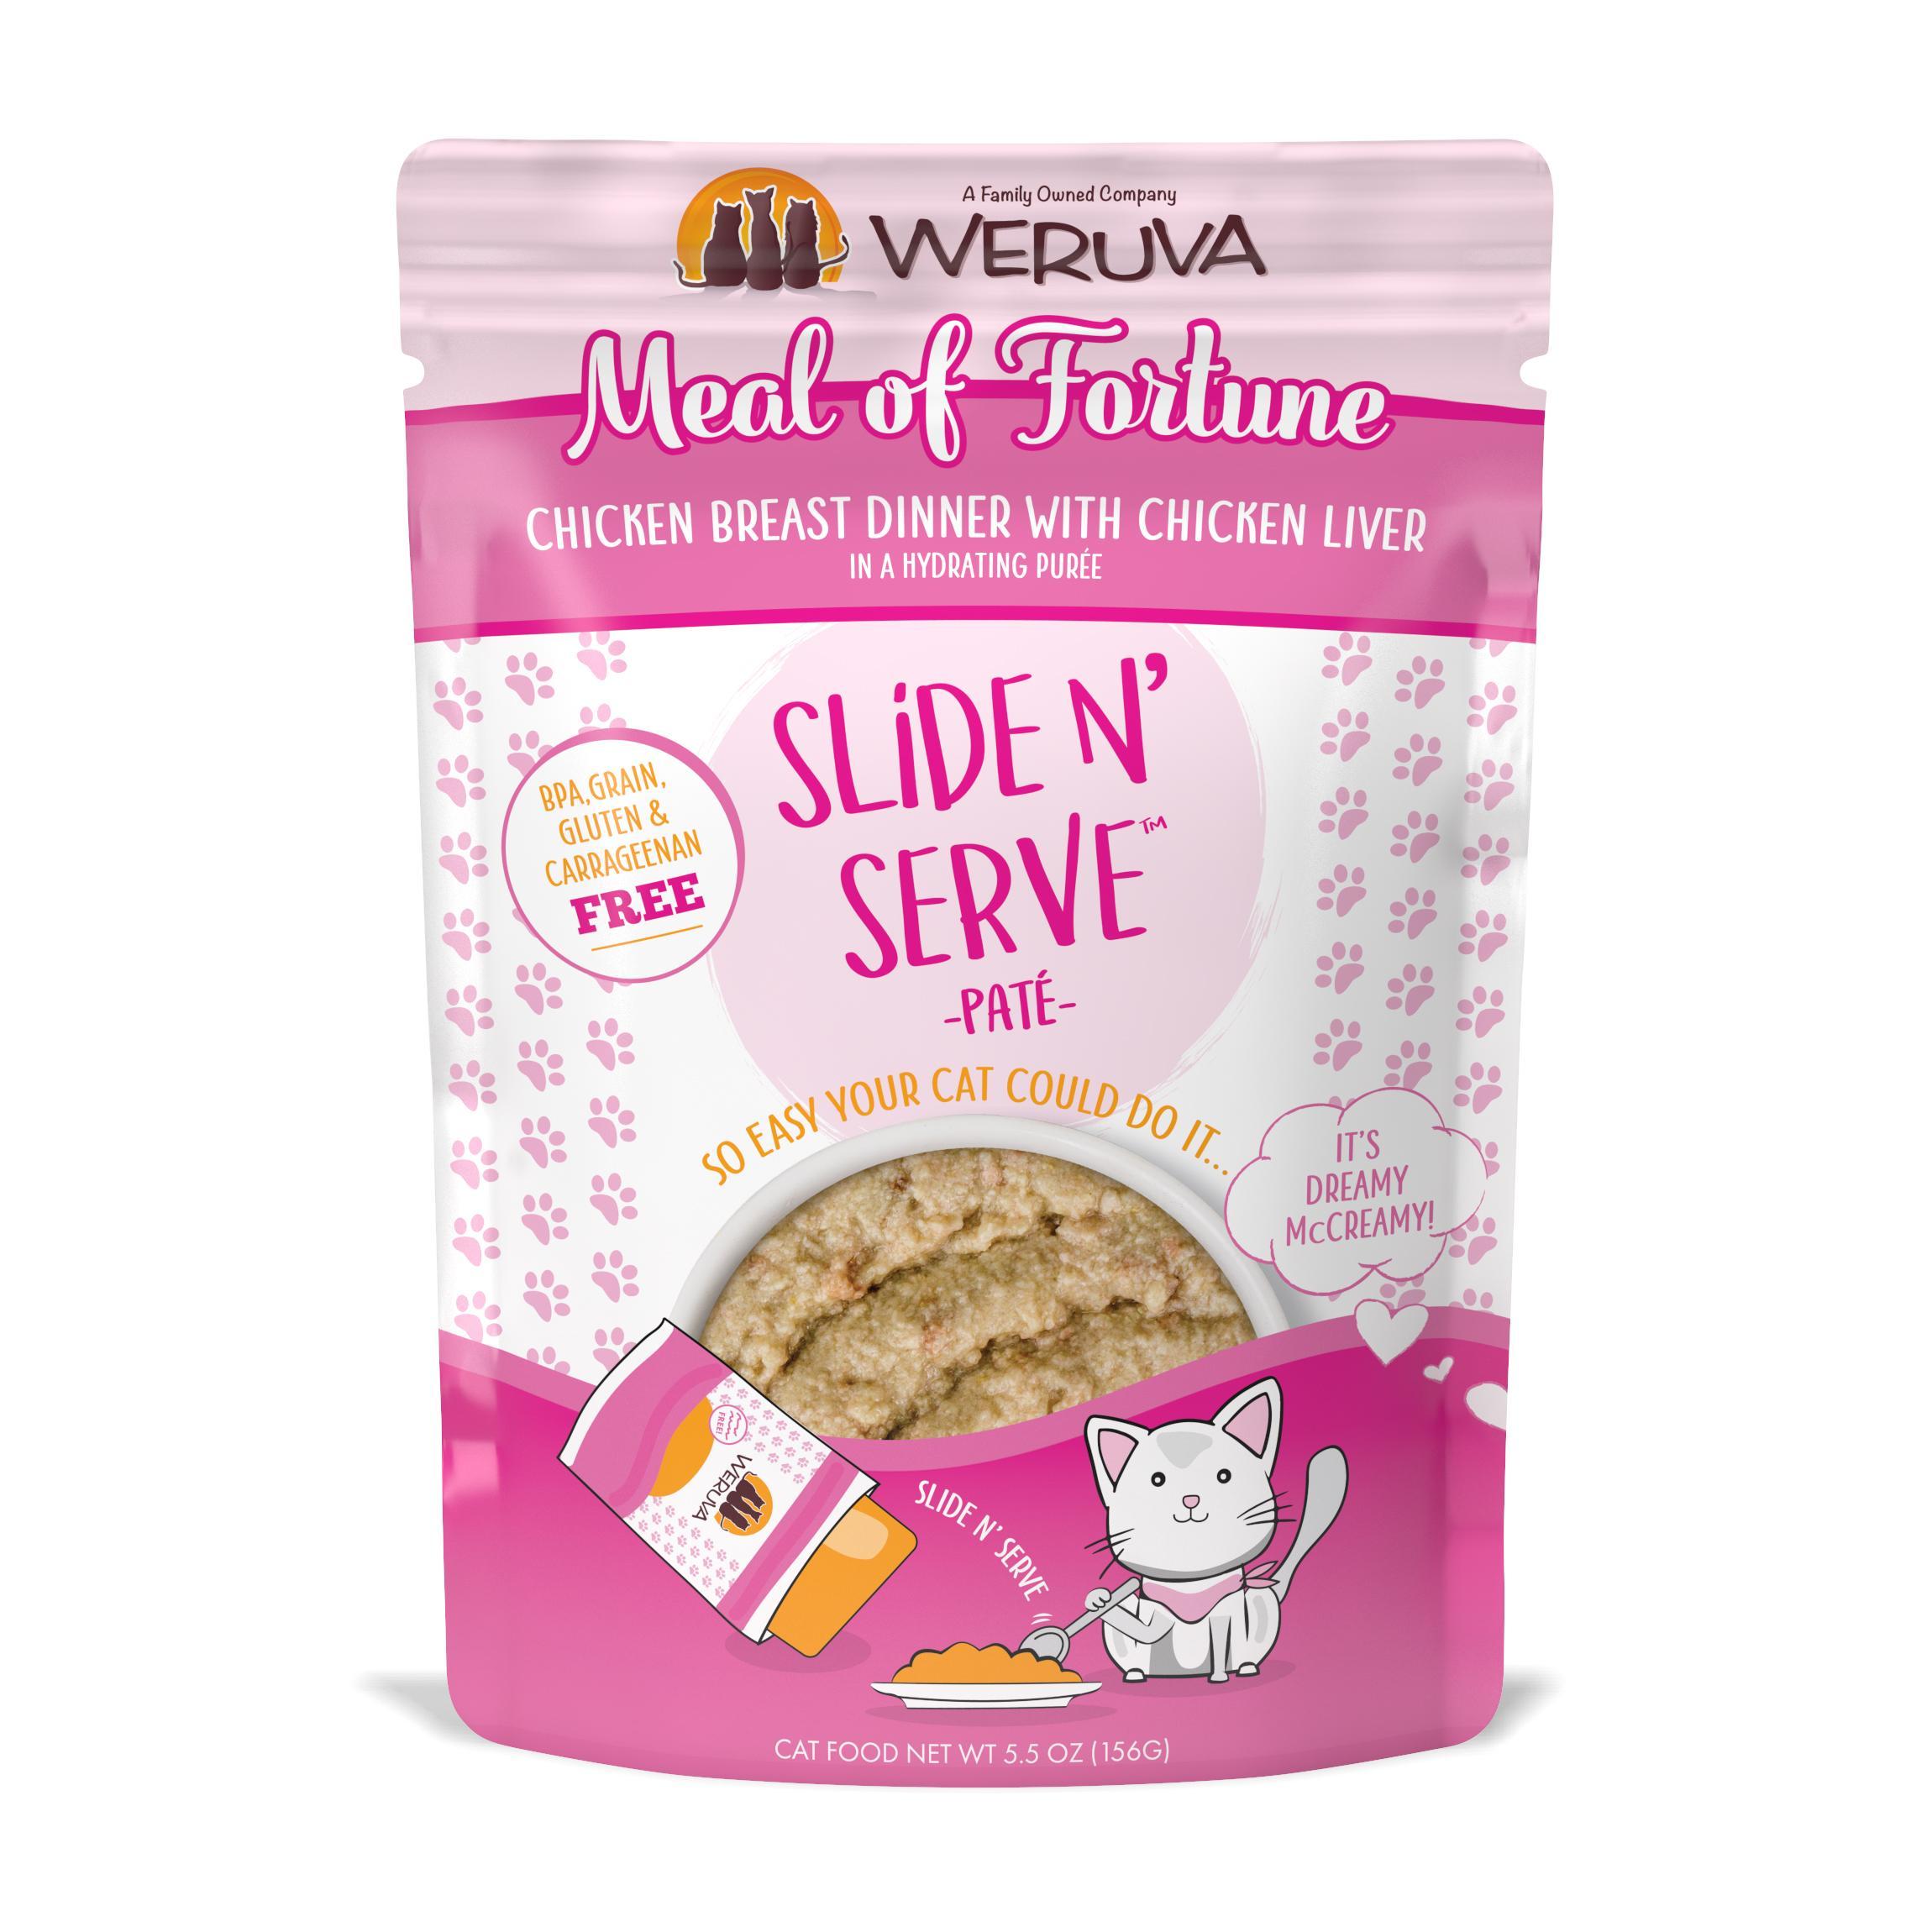 Weruva Cat Slide N' Serve Pate Meal of Fortune Chicken Liver Wet CatFood, 5.5-oz